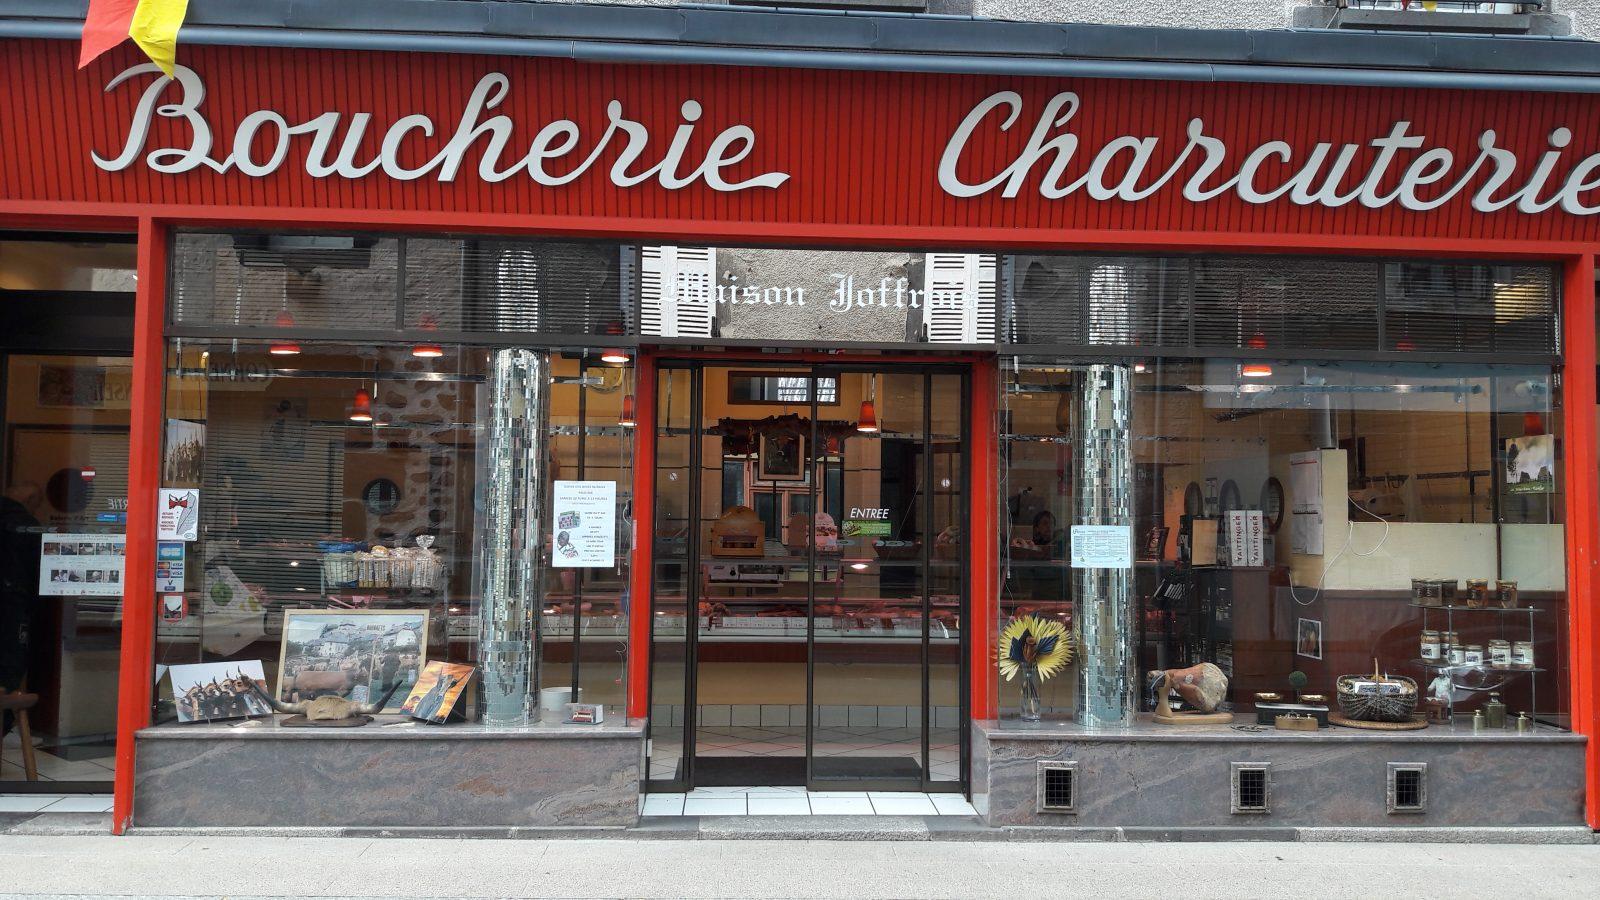 Maison Joffrois – Boucherie de Pierrefort-5